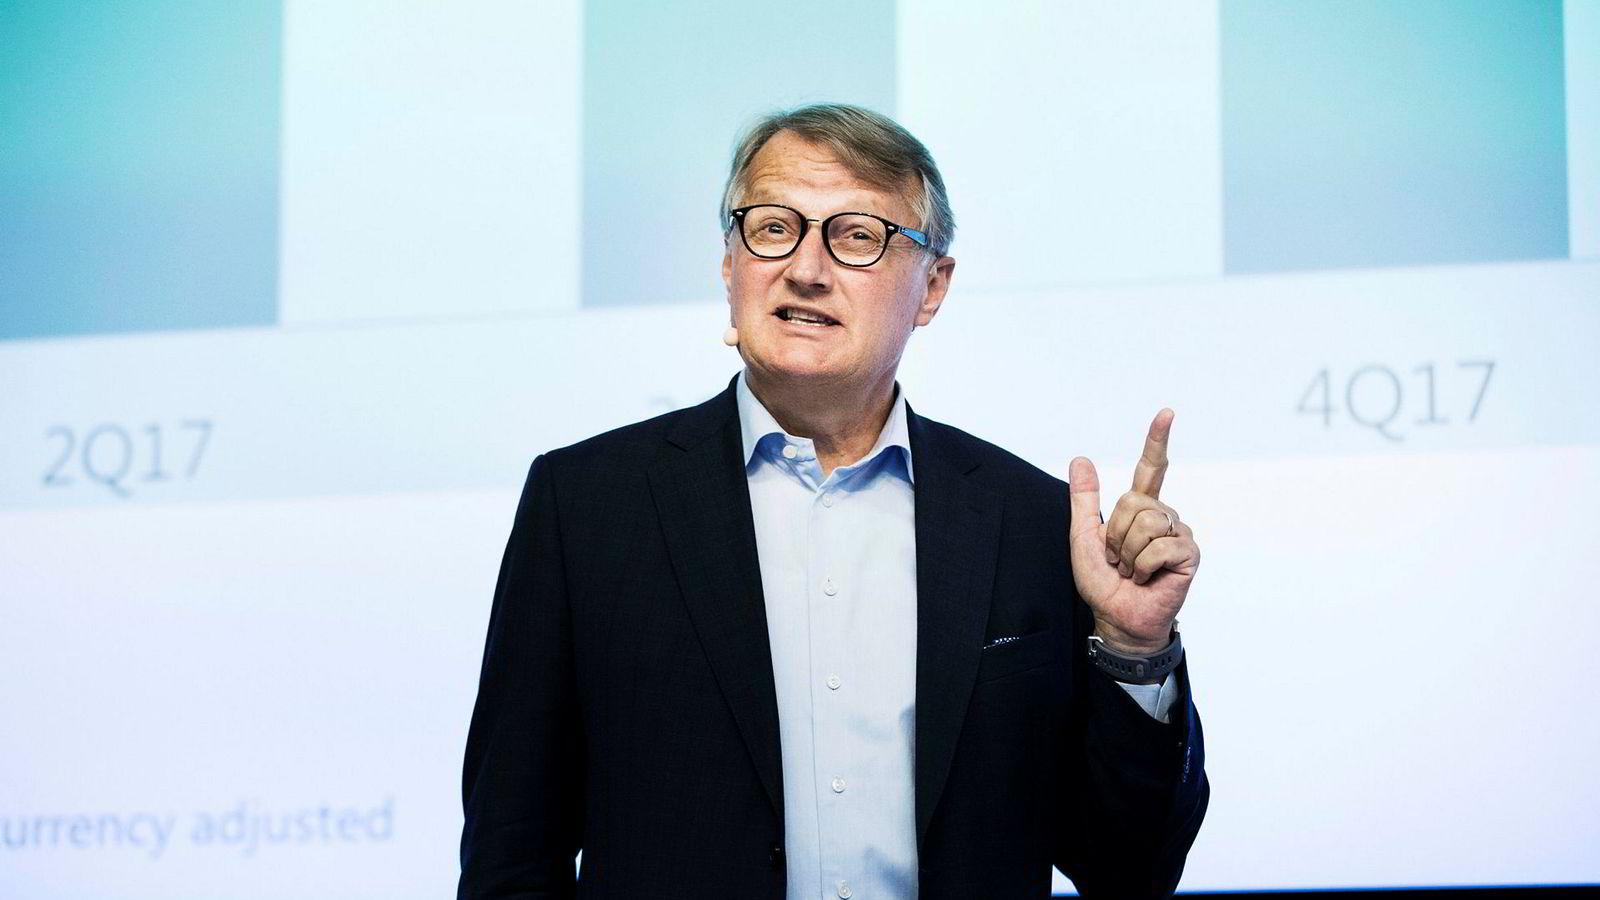 Konsernsjef Rune Bjerke og DNB stengte kontoen til en av sine egne kunder for overføringer til utlandet og ble klaget inn til Finansklagenmenda.